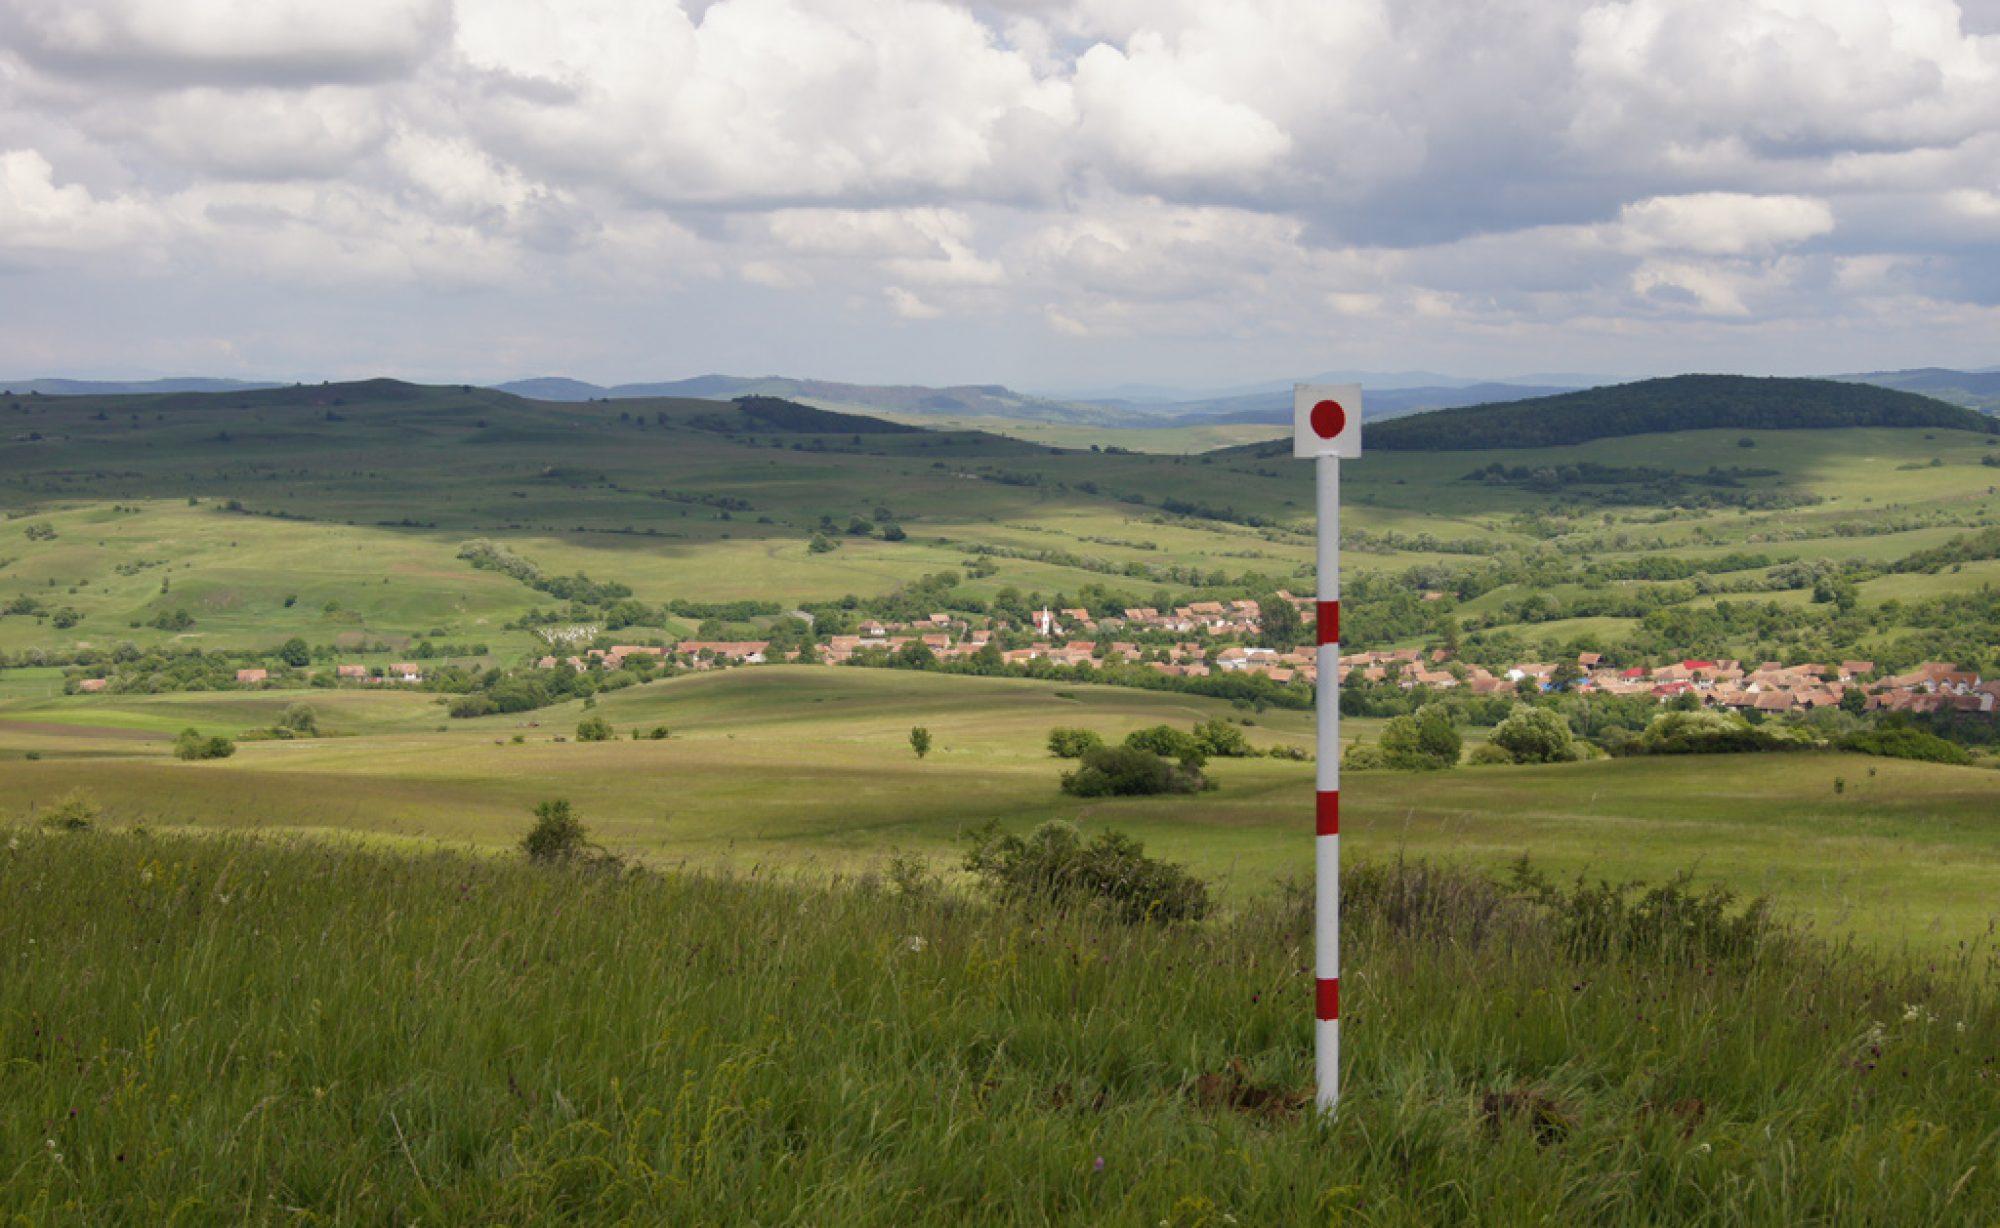 Audiowanderweg